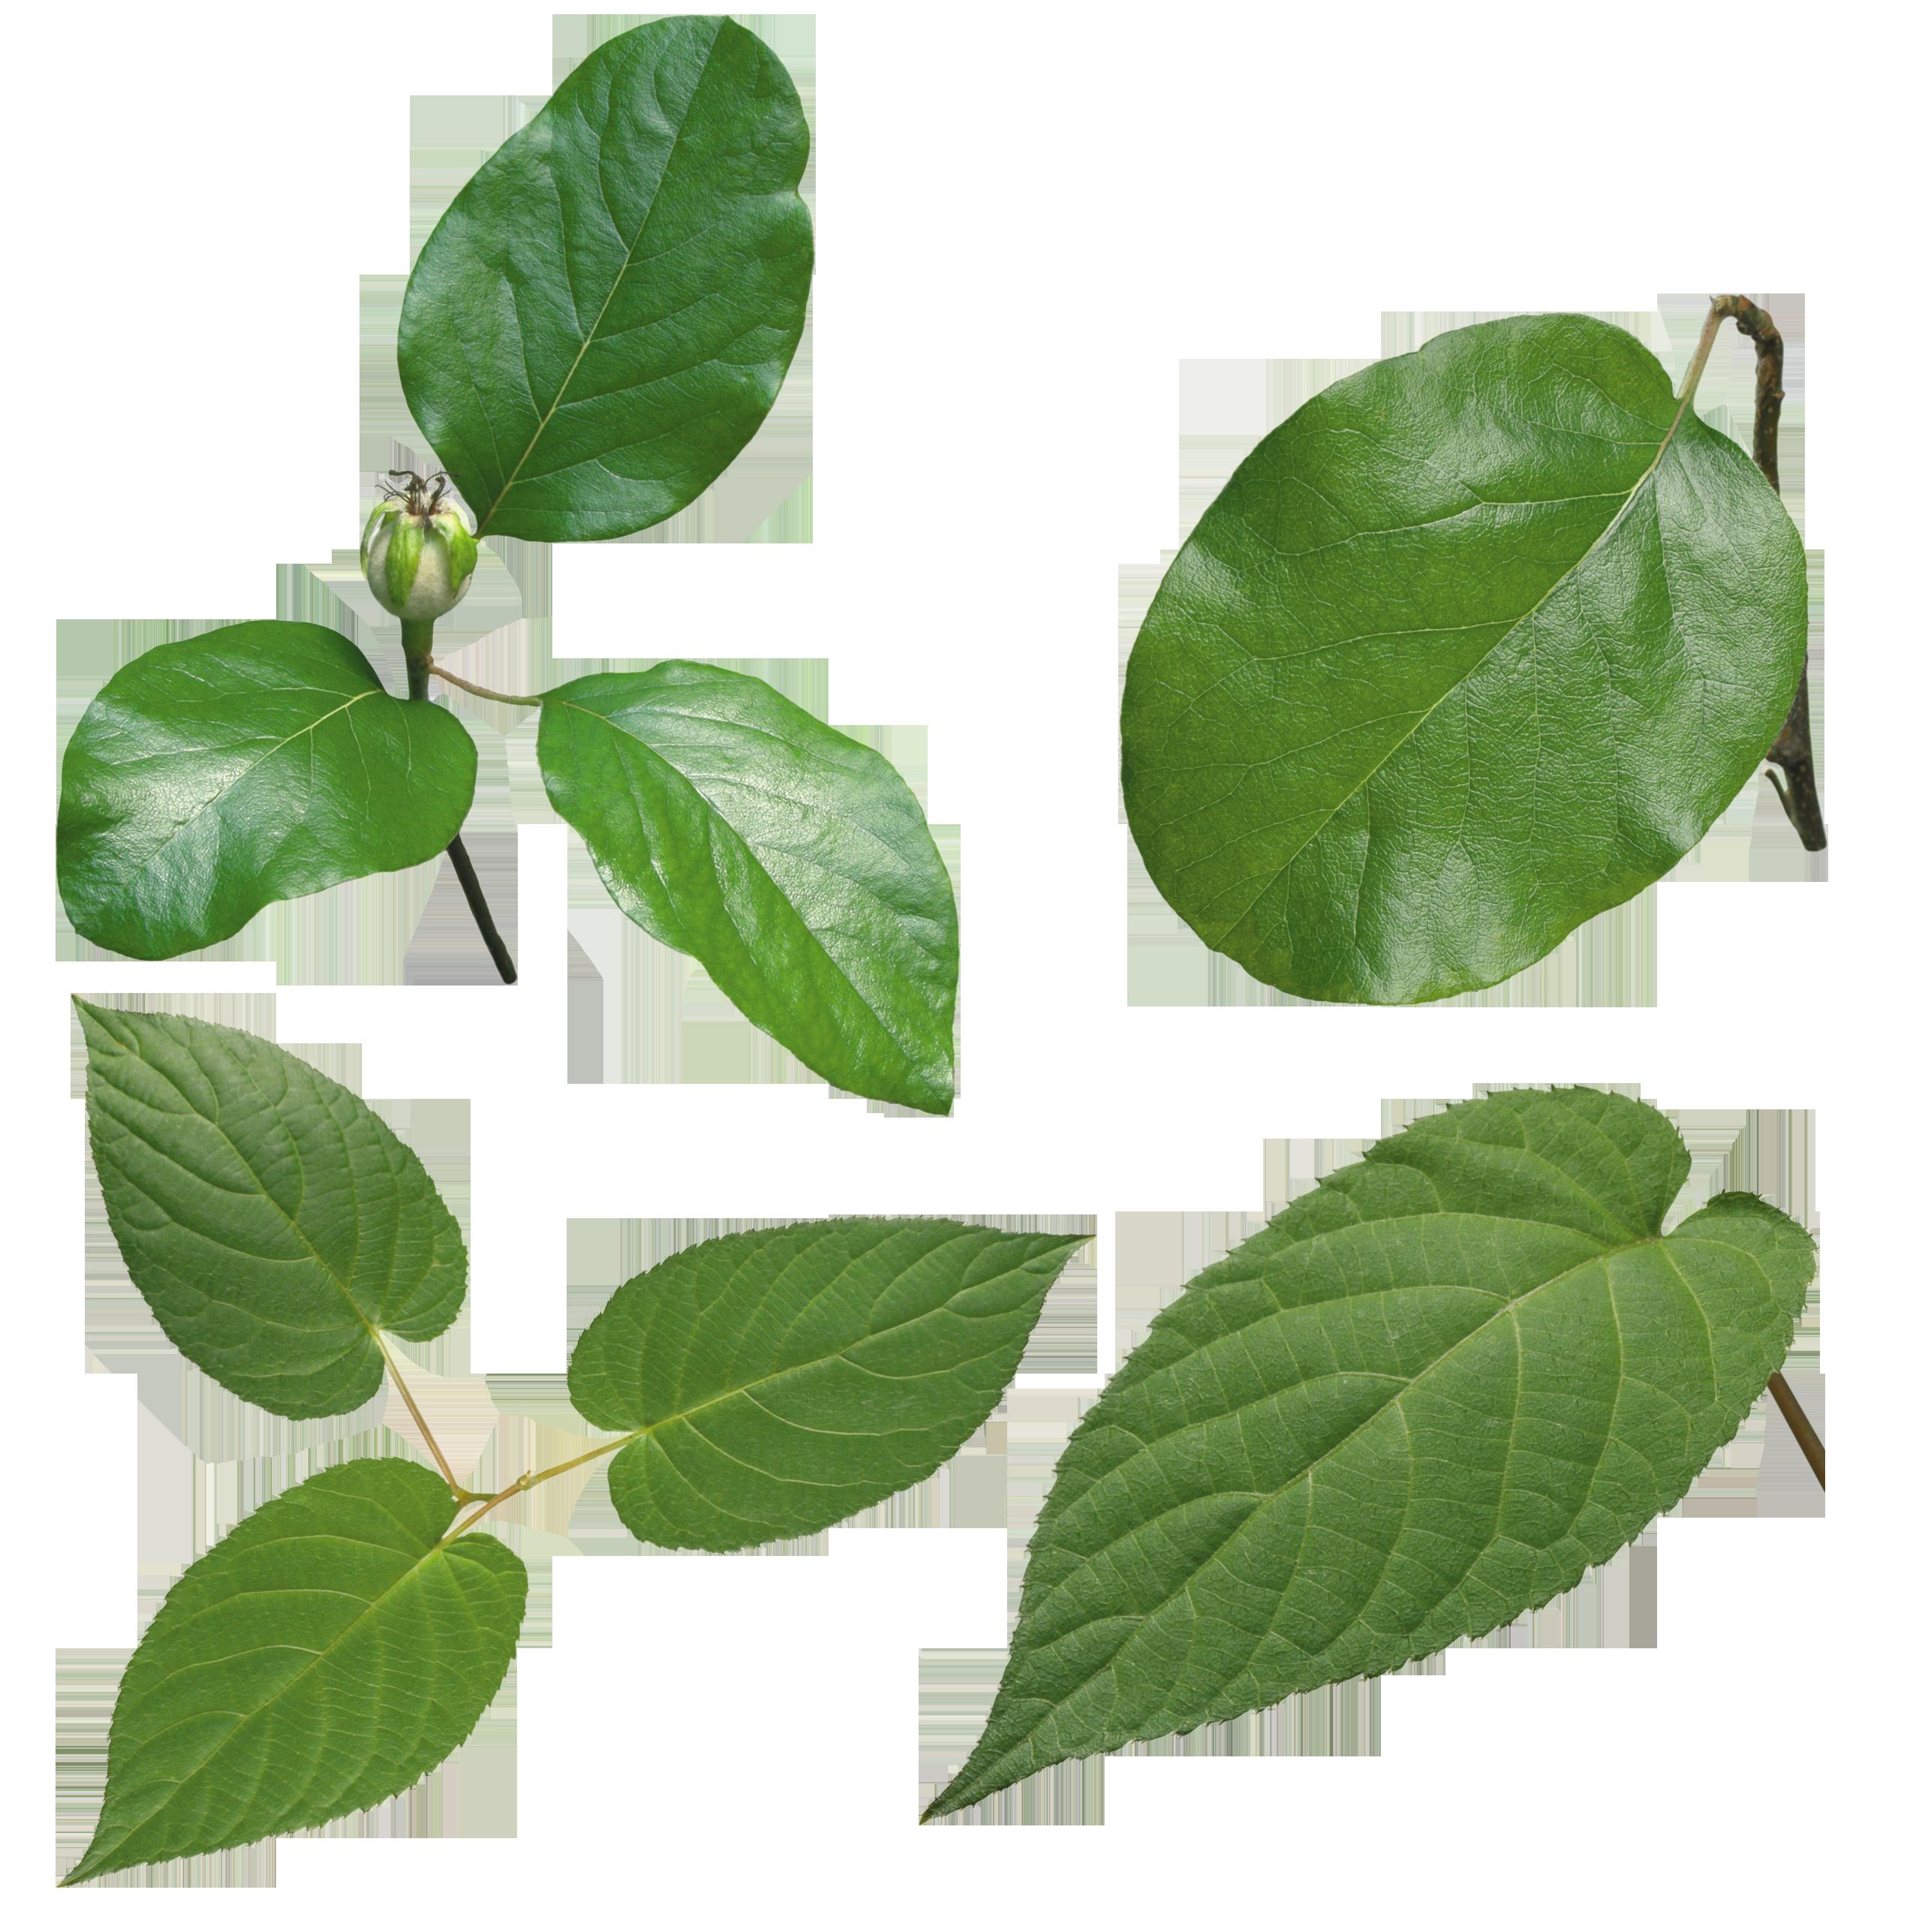 Green leaves png image. Leaf clipart transparent background